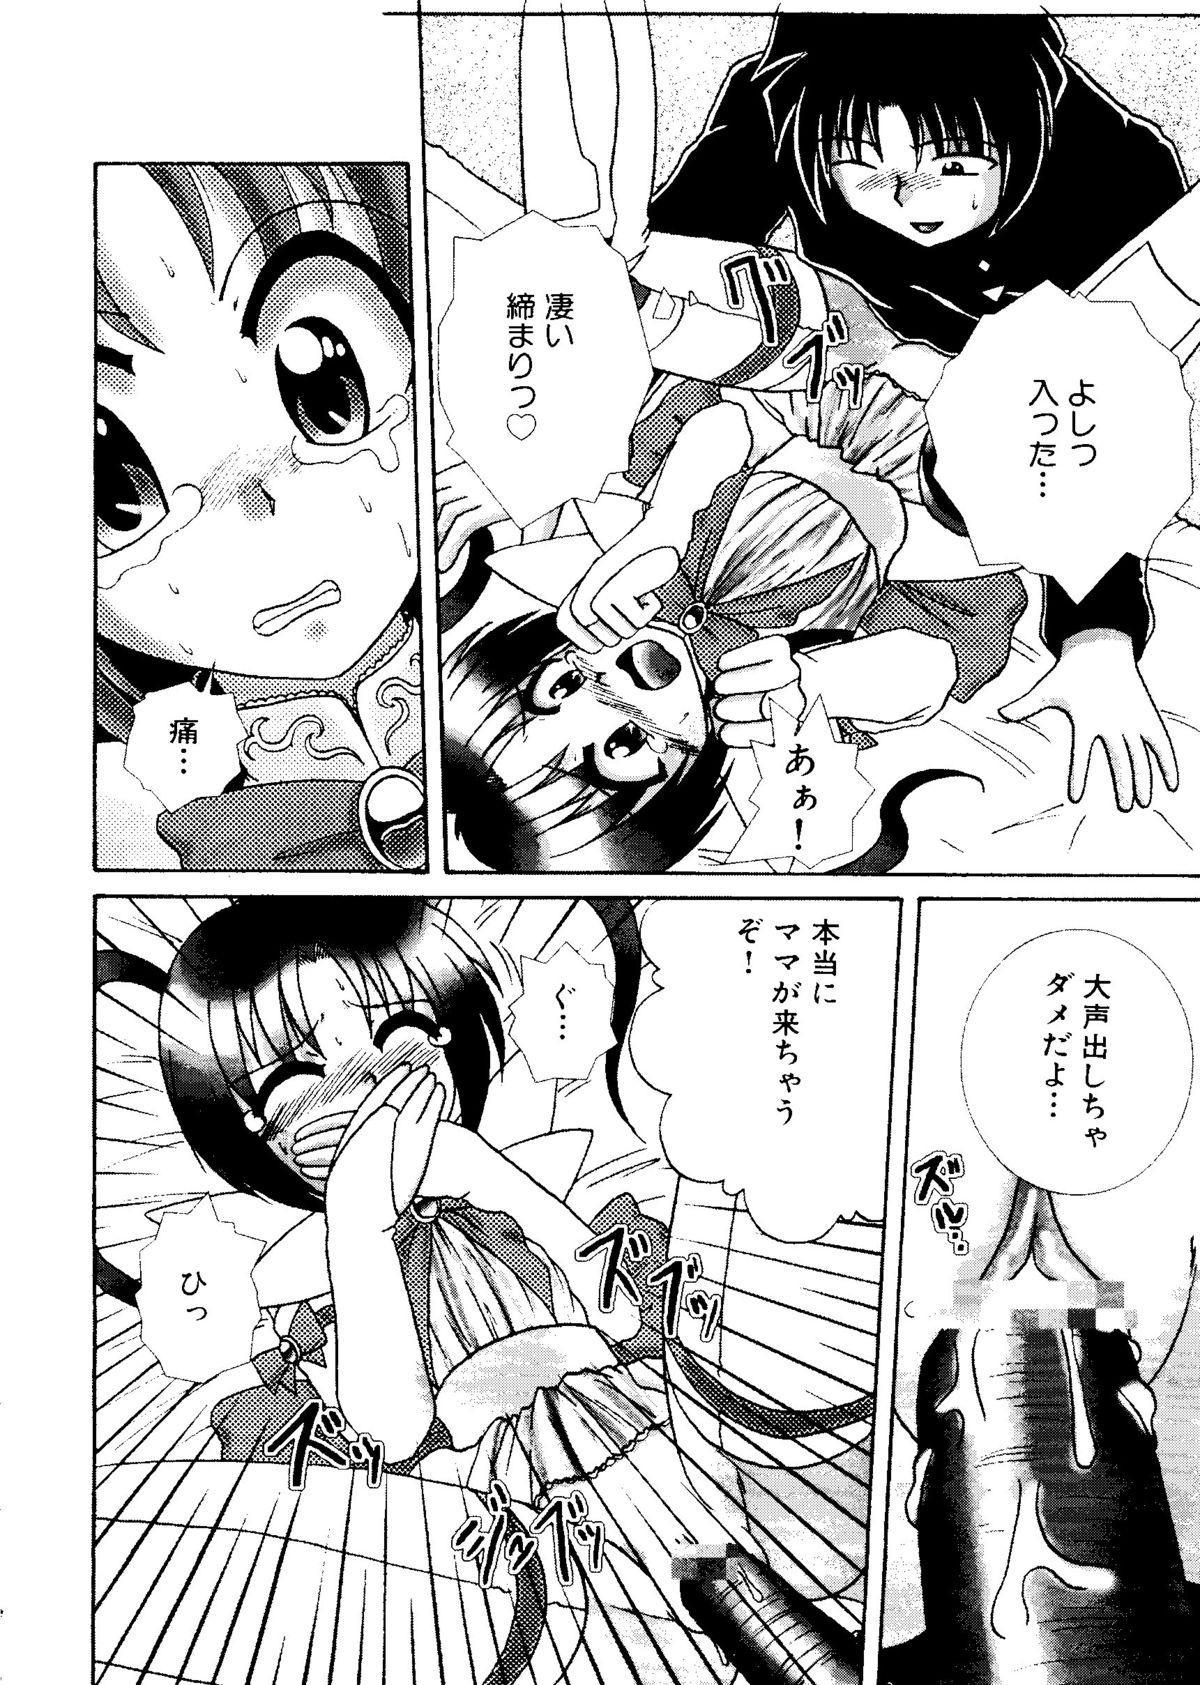 Mujirushi Youhin Vol. 7 134